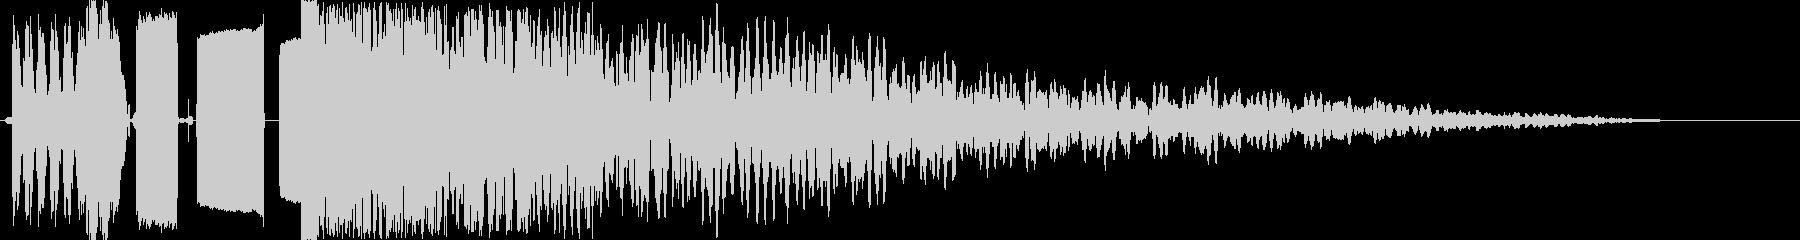 ラジオジングル制作キット DJ DROPの未再生の波形